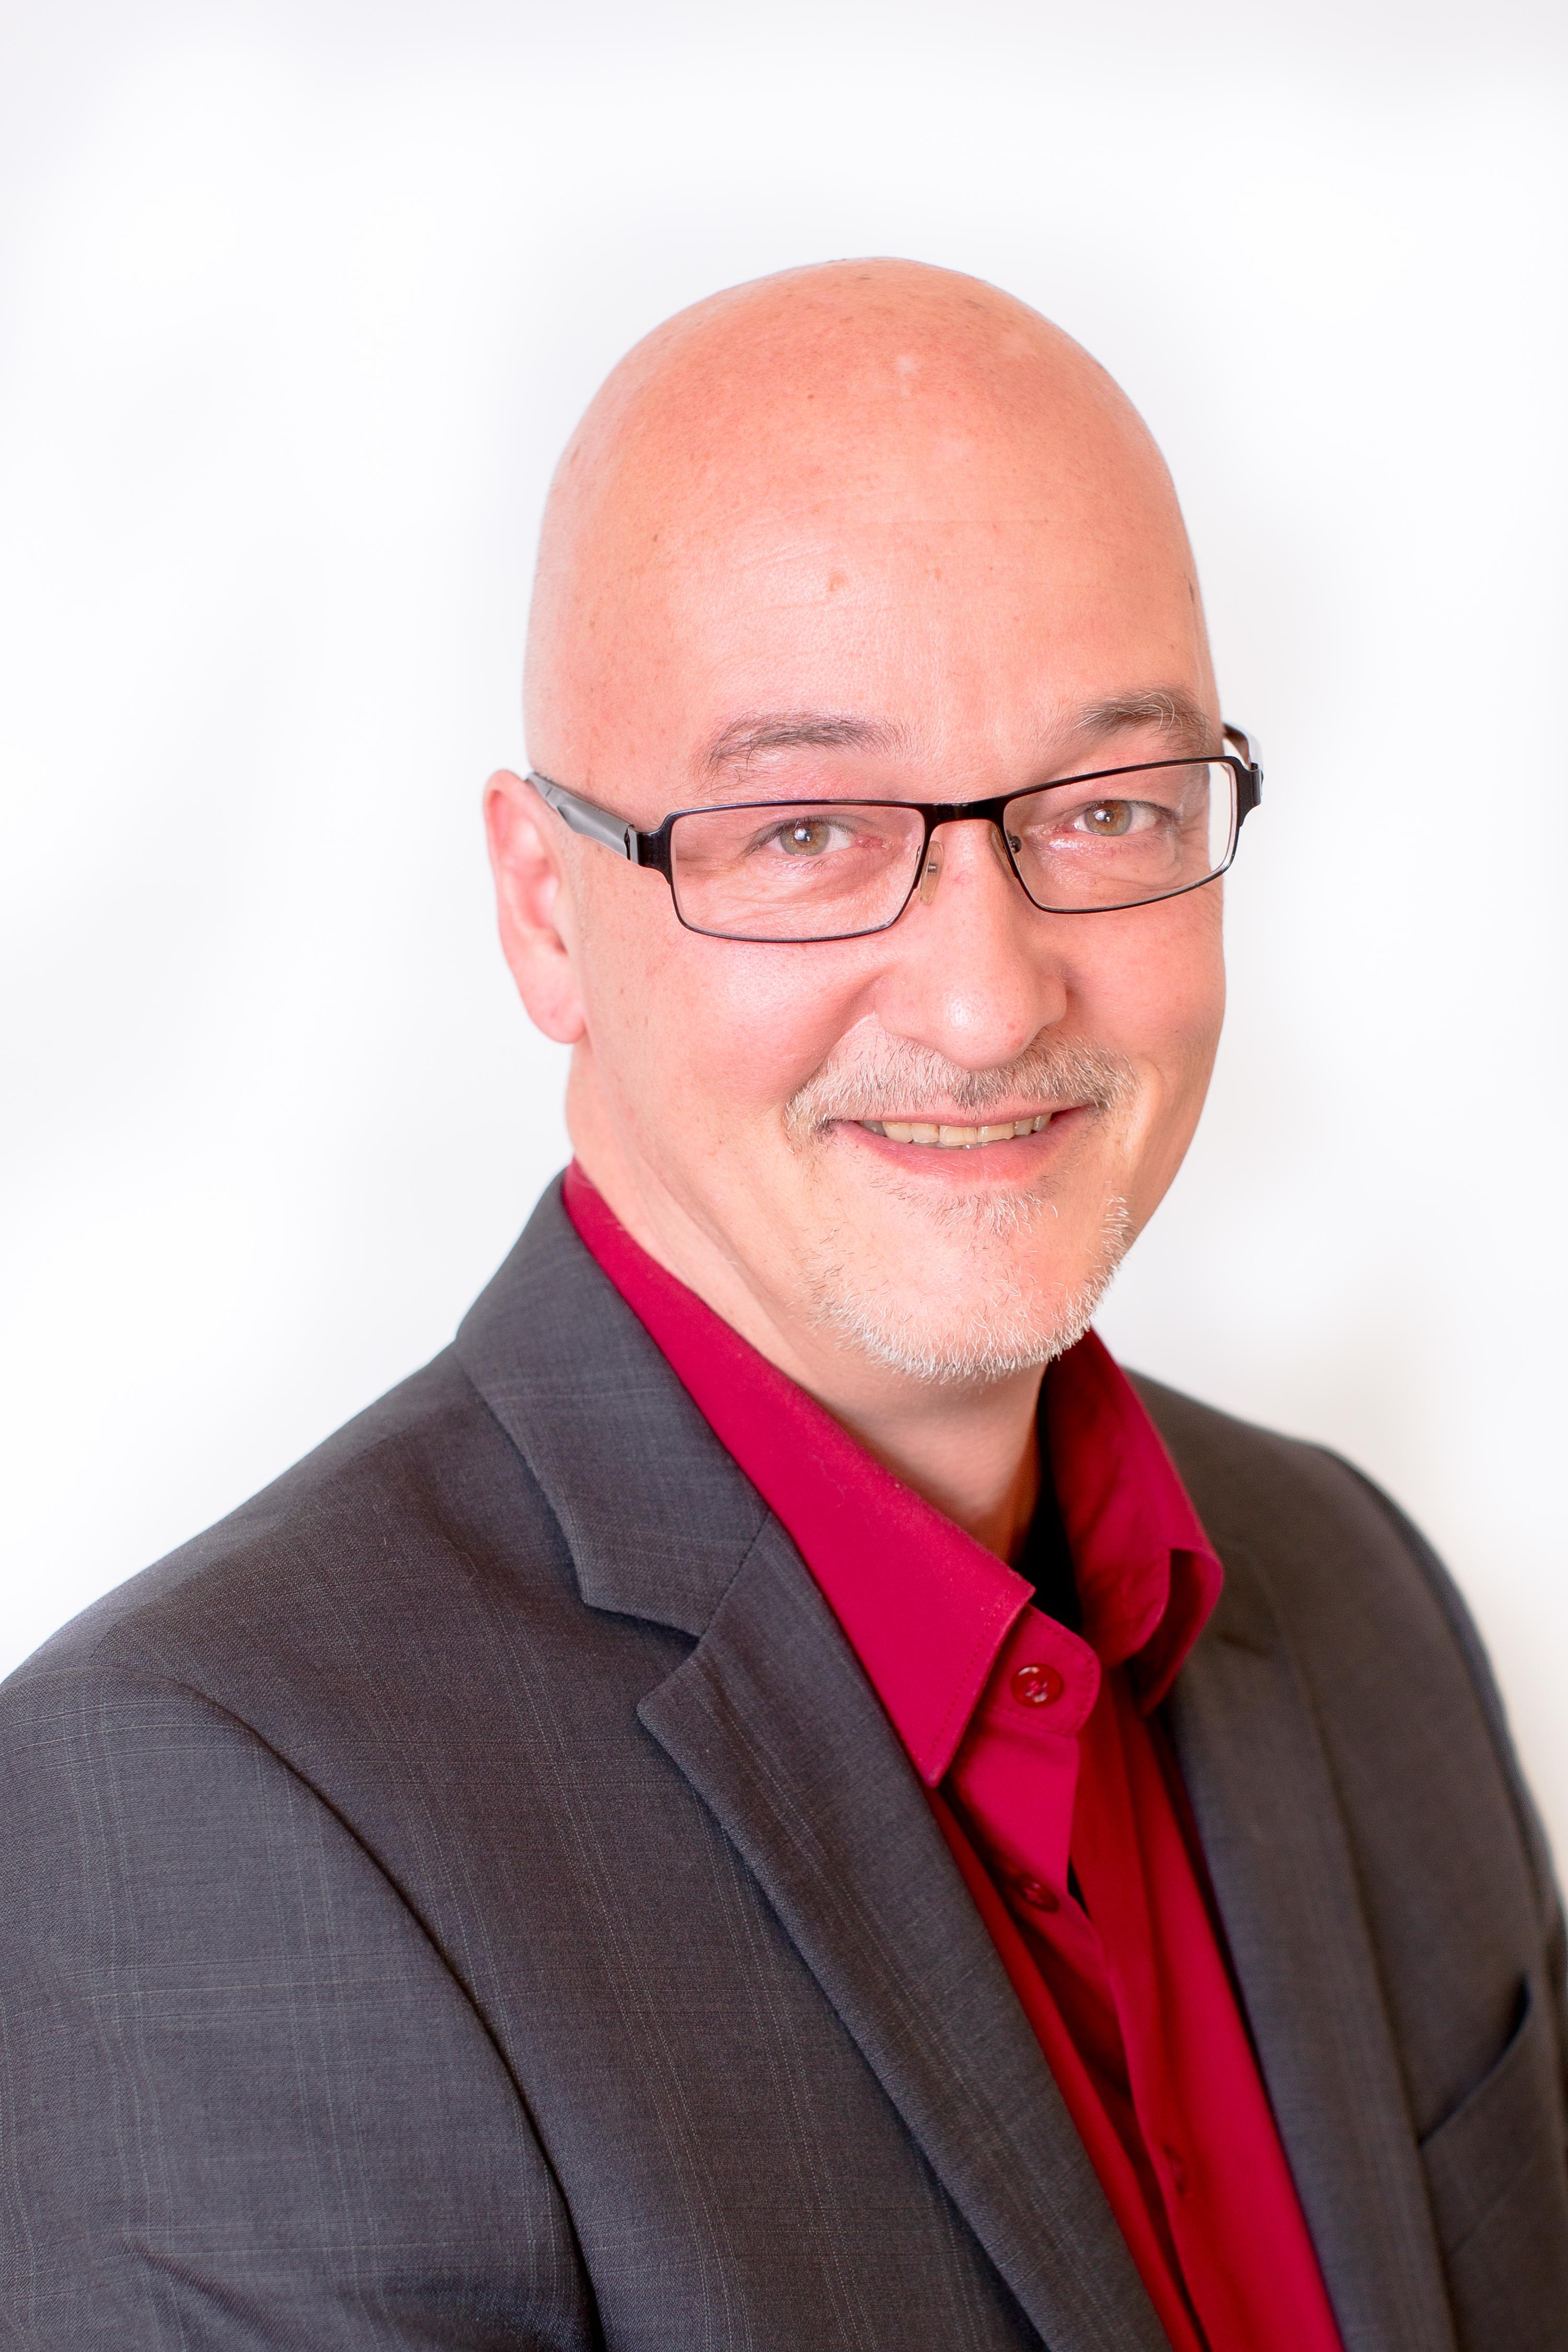 Dave Grobman, Ex-Officio